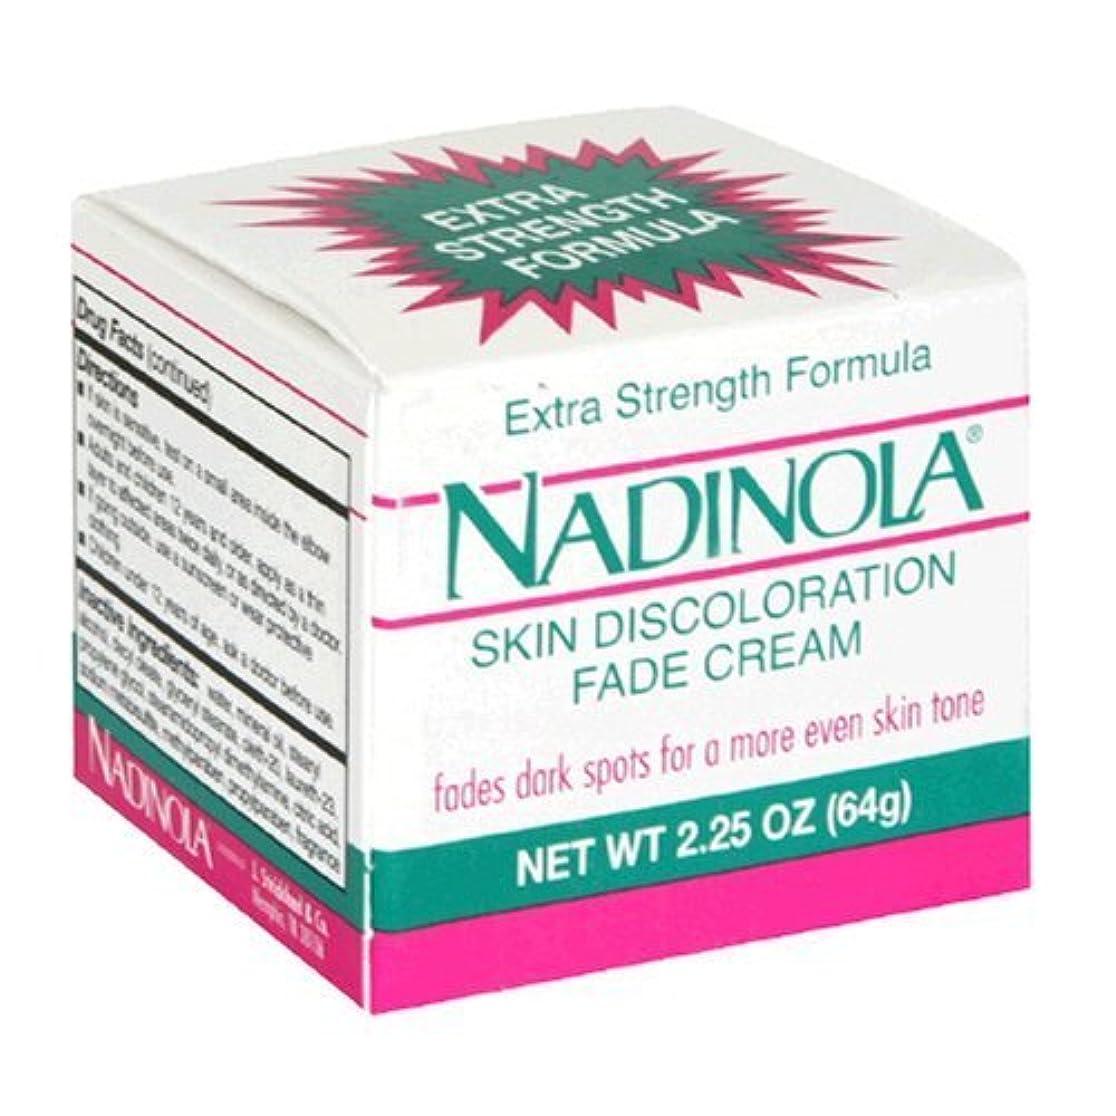 引く落ち着かないしてはいけません【海外直送】NADINOLA 強力美白クリーム (64g)ナディノラ